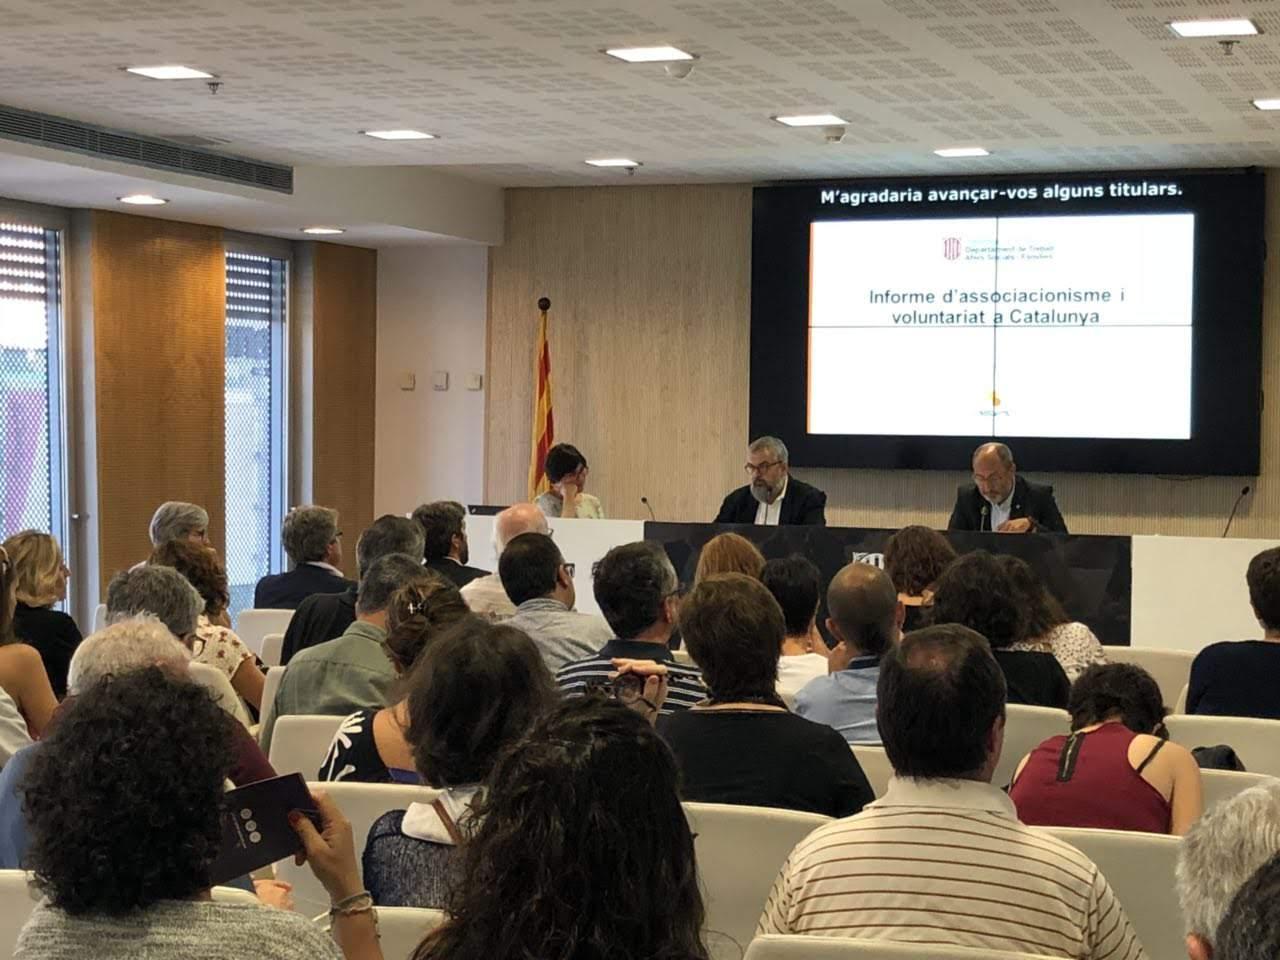 Presentació de l'Informe de l'associacionisme i el voluntariat a Catalunya 2018